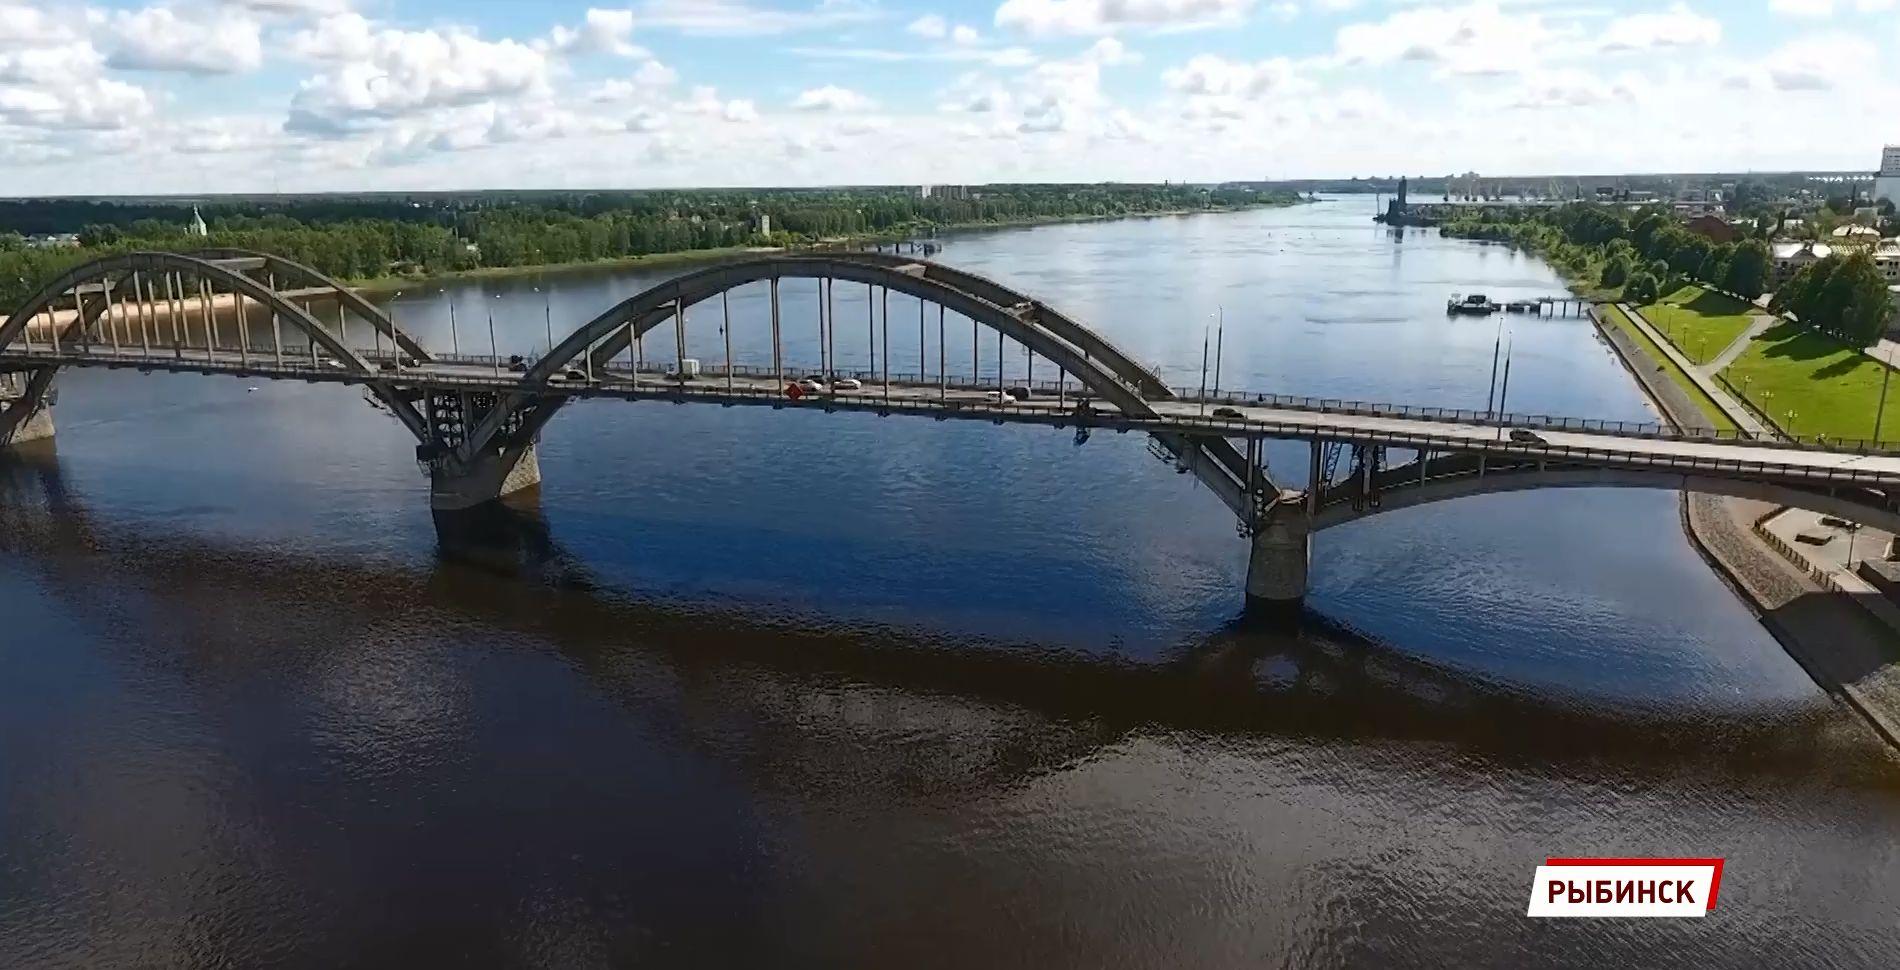 Бурлаки прошли по Волге в День города Рыбинска